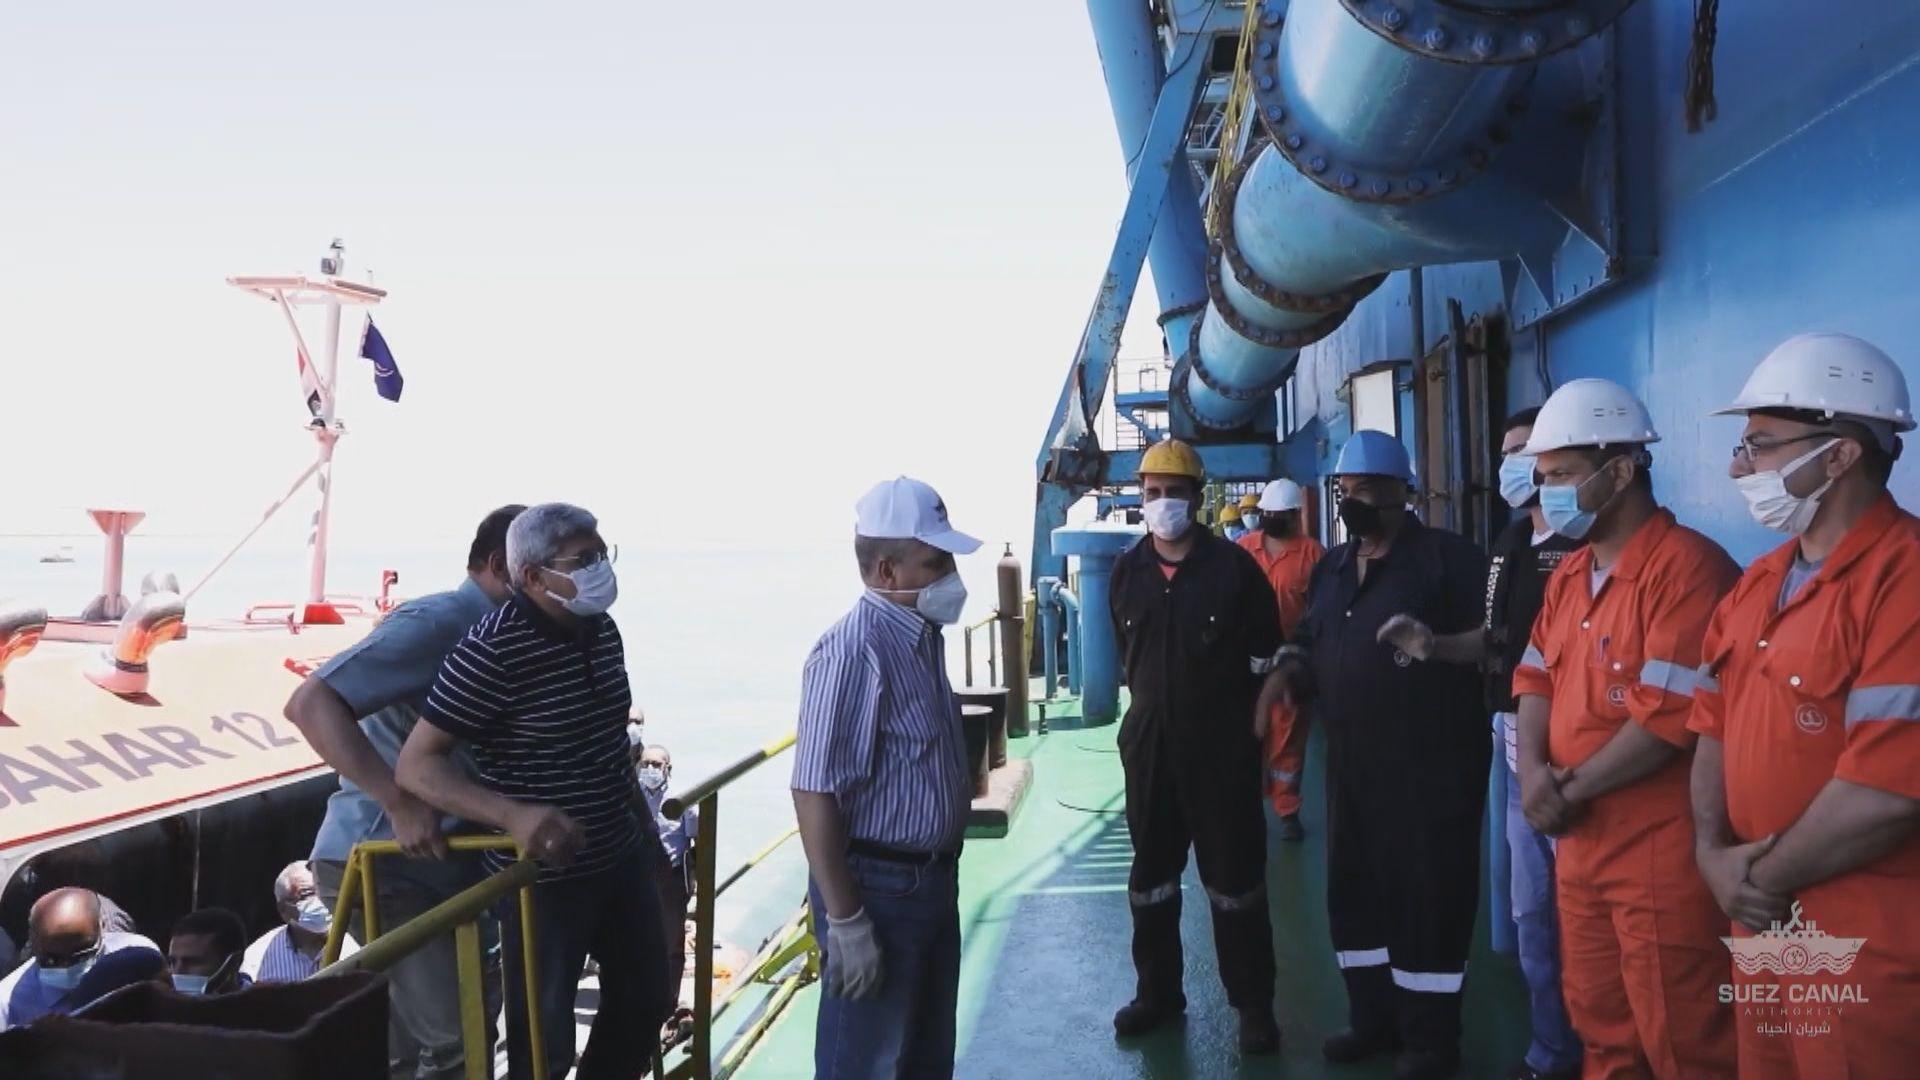 蘇彝士運河南段展開航道擴闊工程 料可縮短通航時間